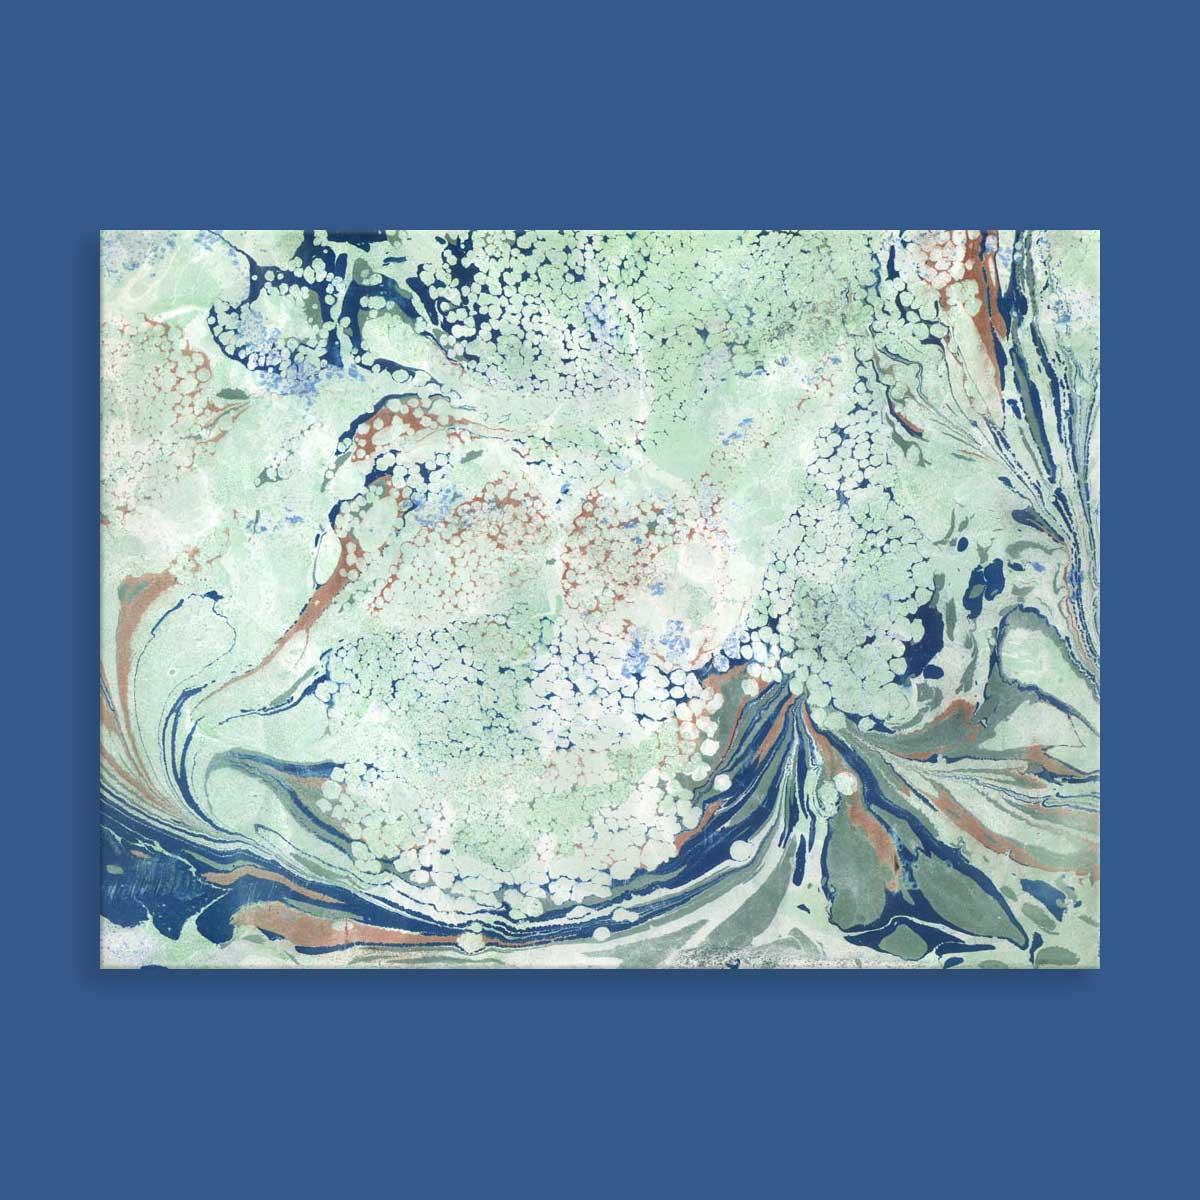 gürel ebrusu özgün kompozisyon No 39